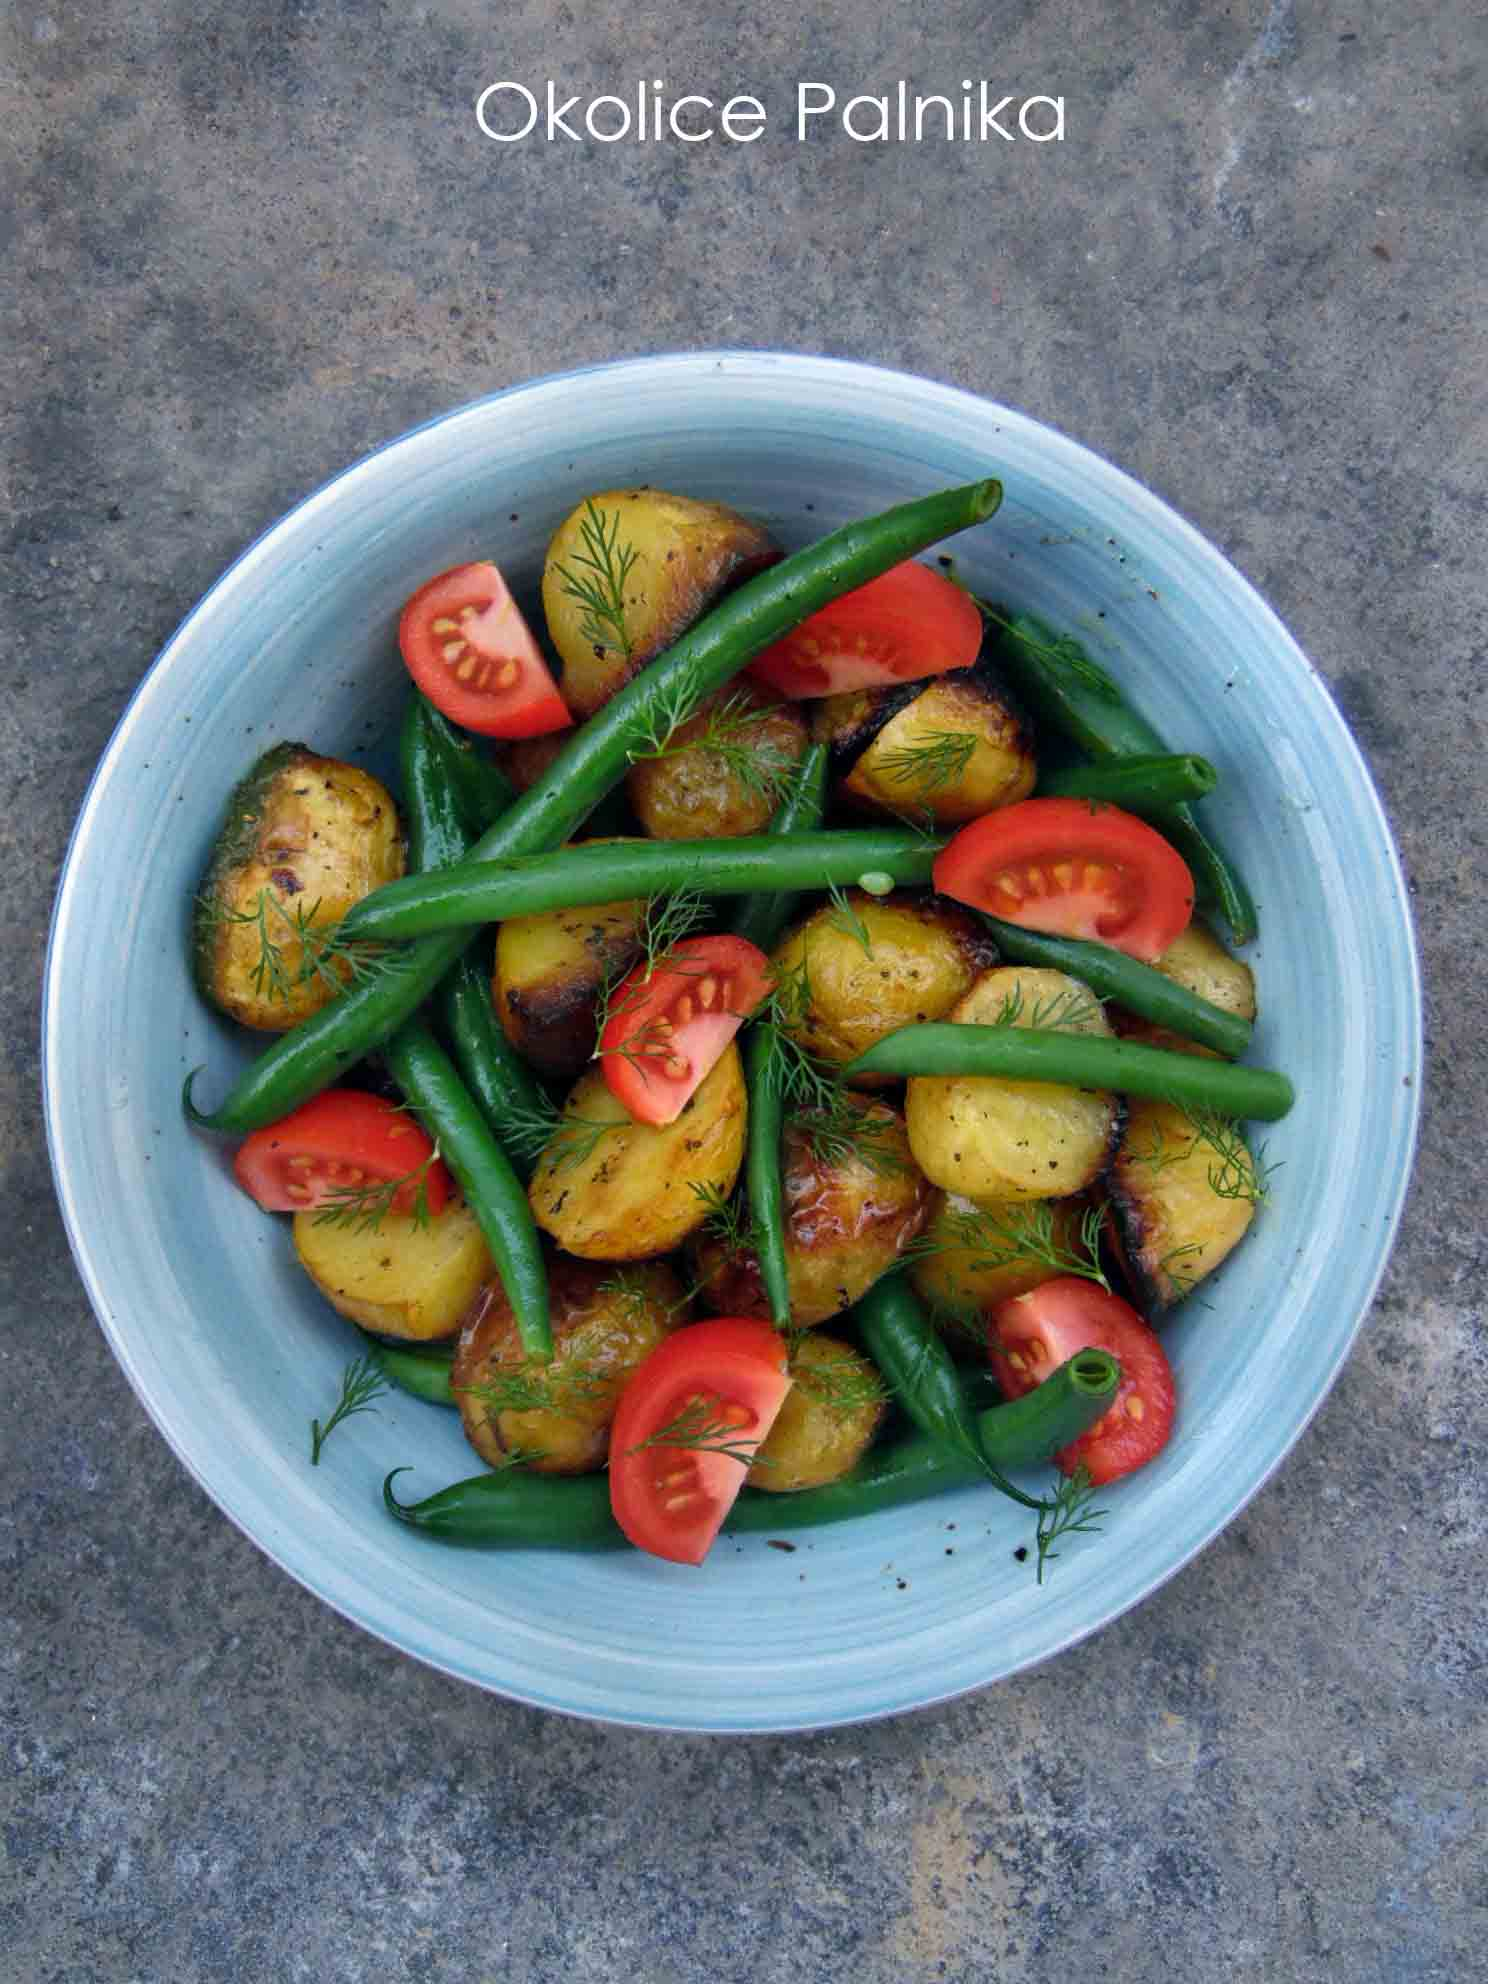 Sałatka z pieczonych młodych ziemniaków i fasolki szparagowej